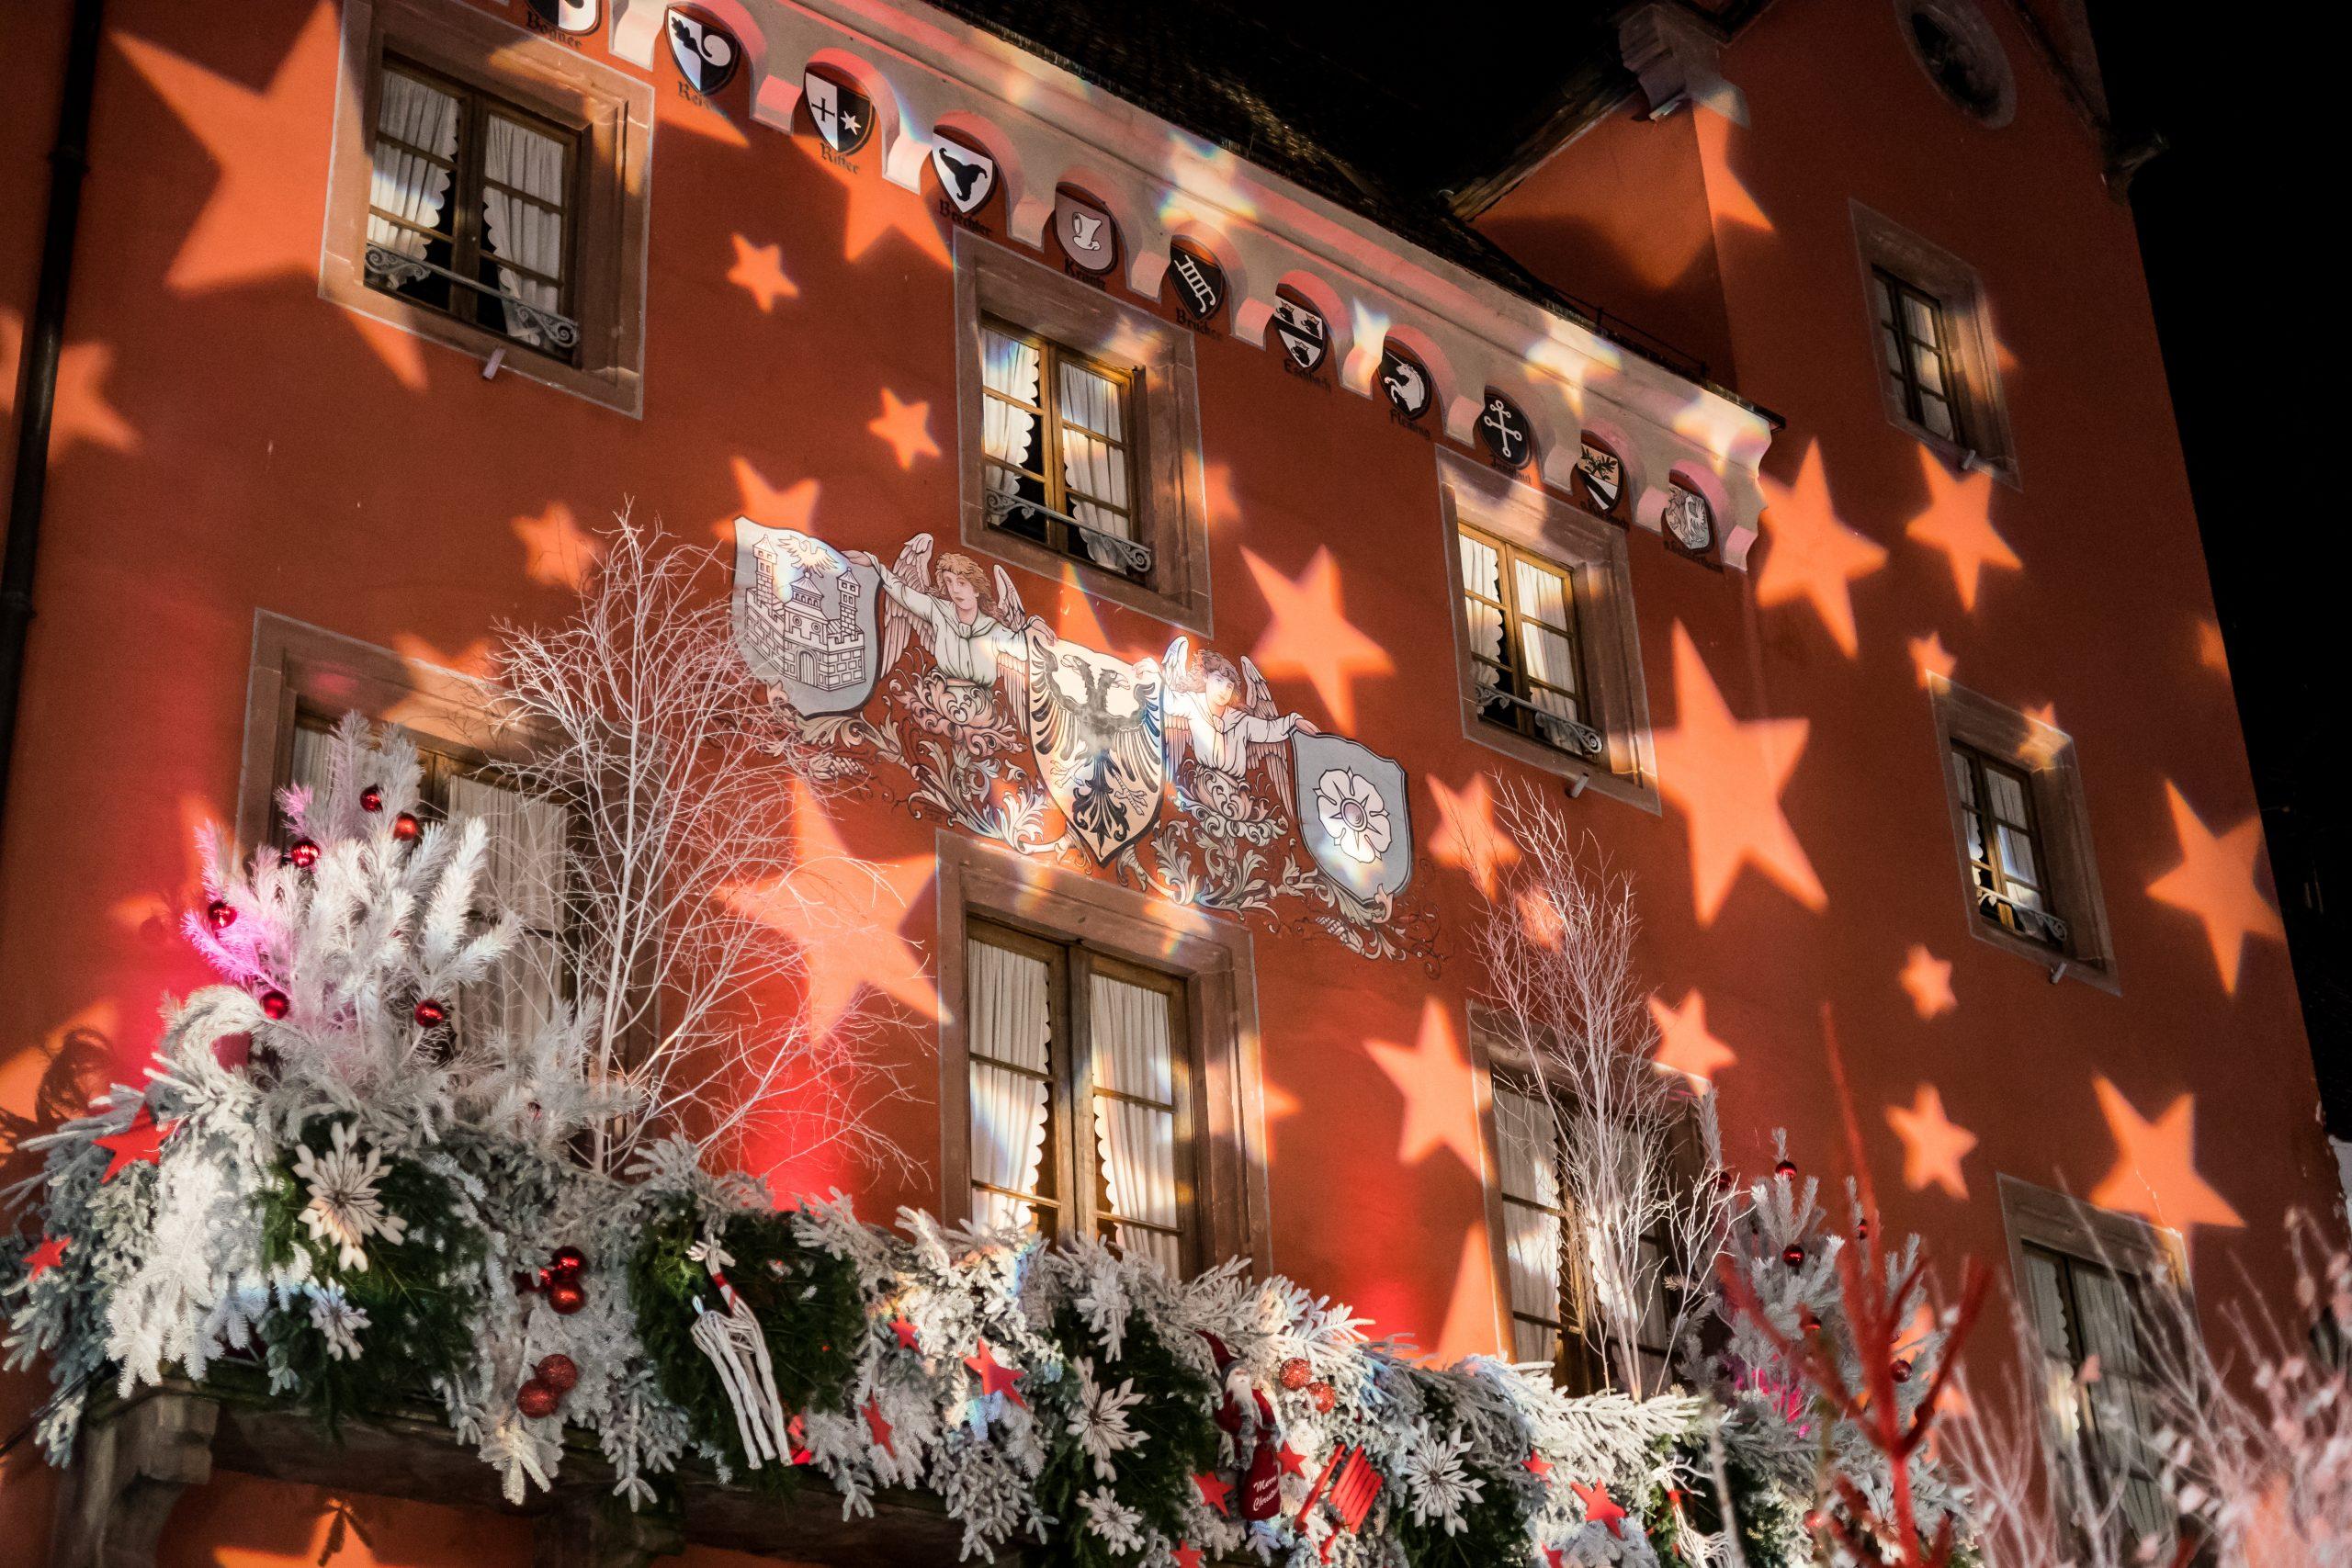 Us et coutumes autour de l'Avent et de Noël dans l'Alsace d'Autrefois